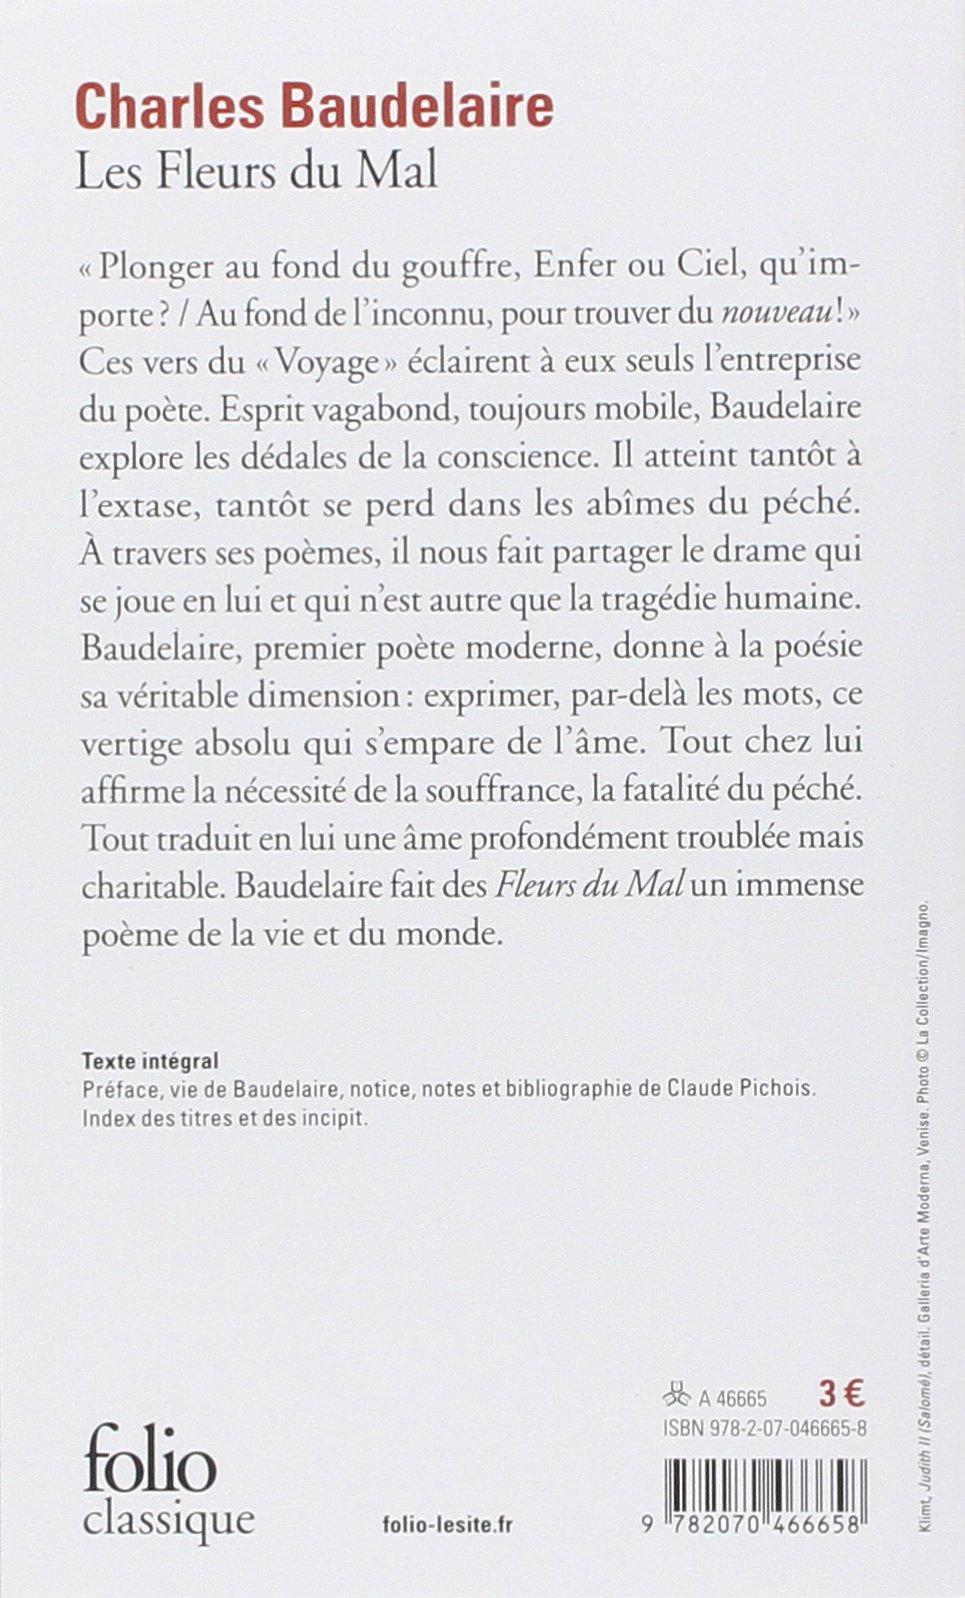 Les Fleurs Du Mal Folio Classique Amazones Charles